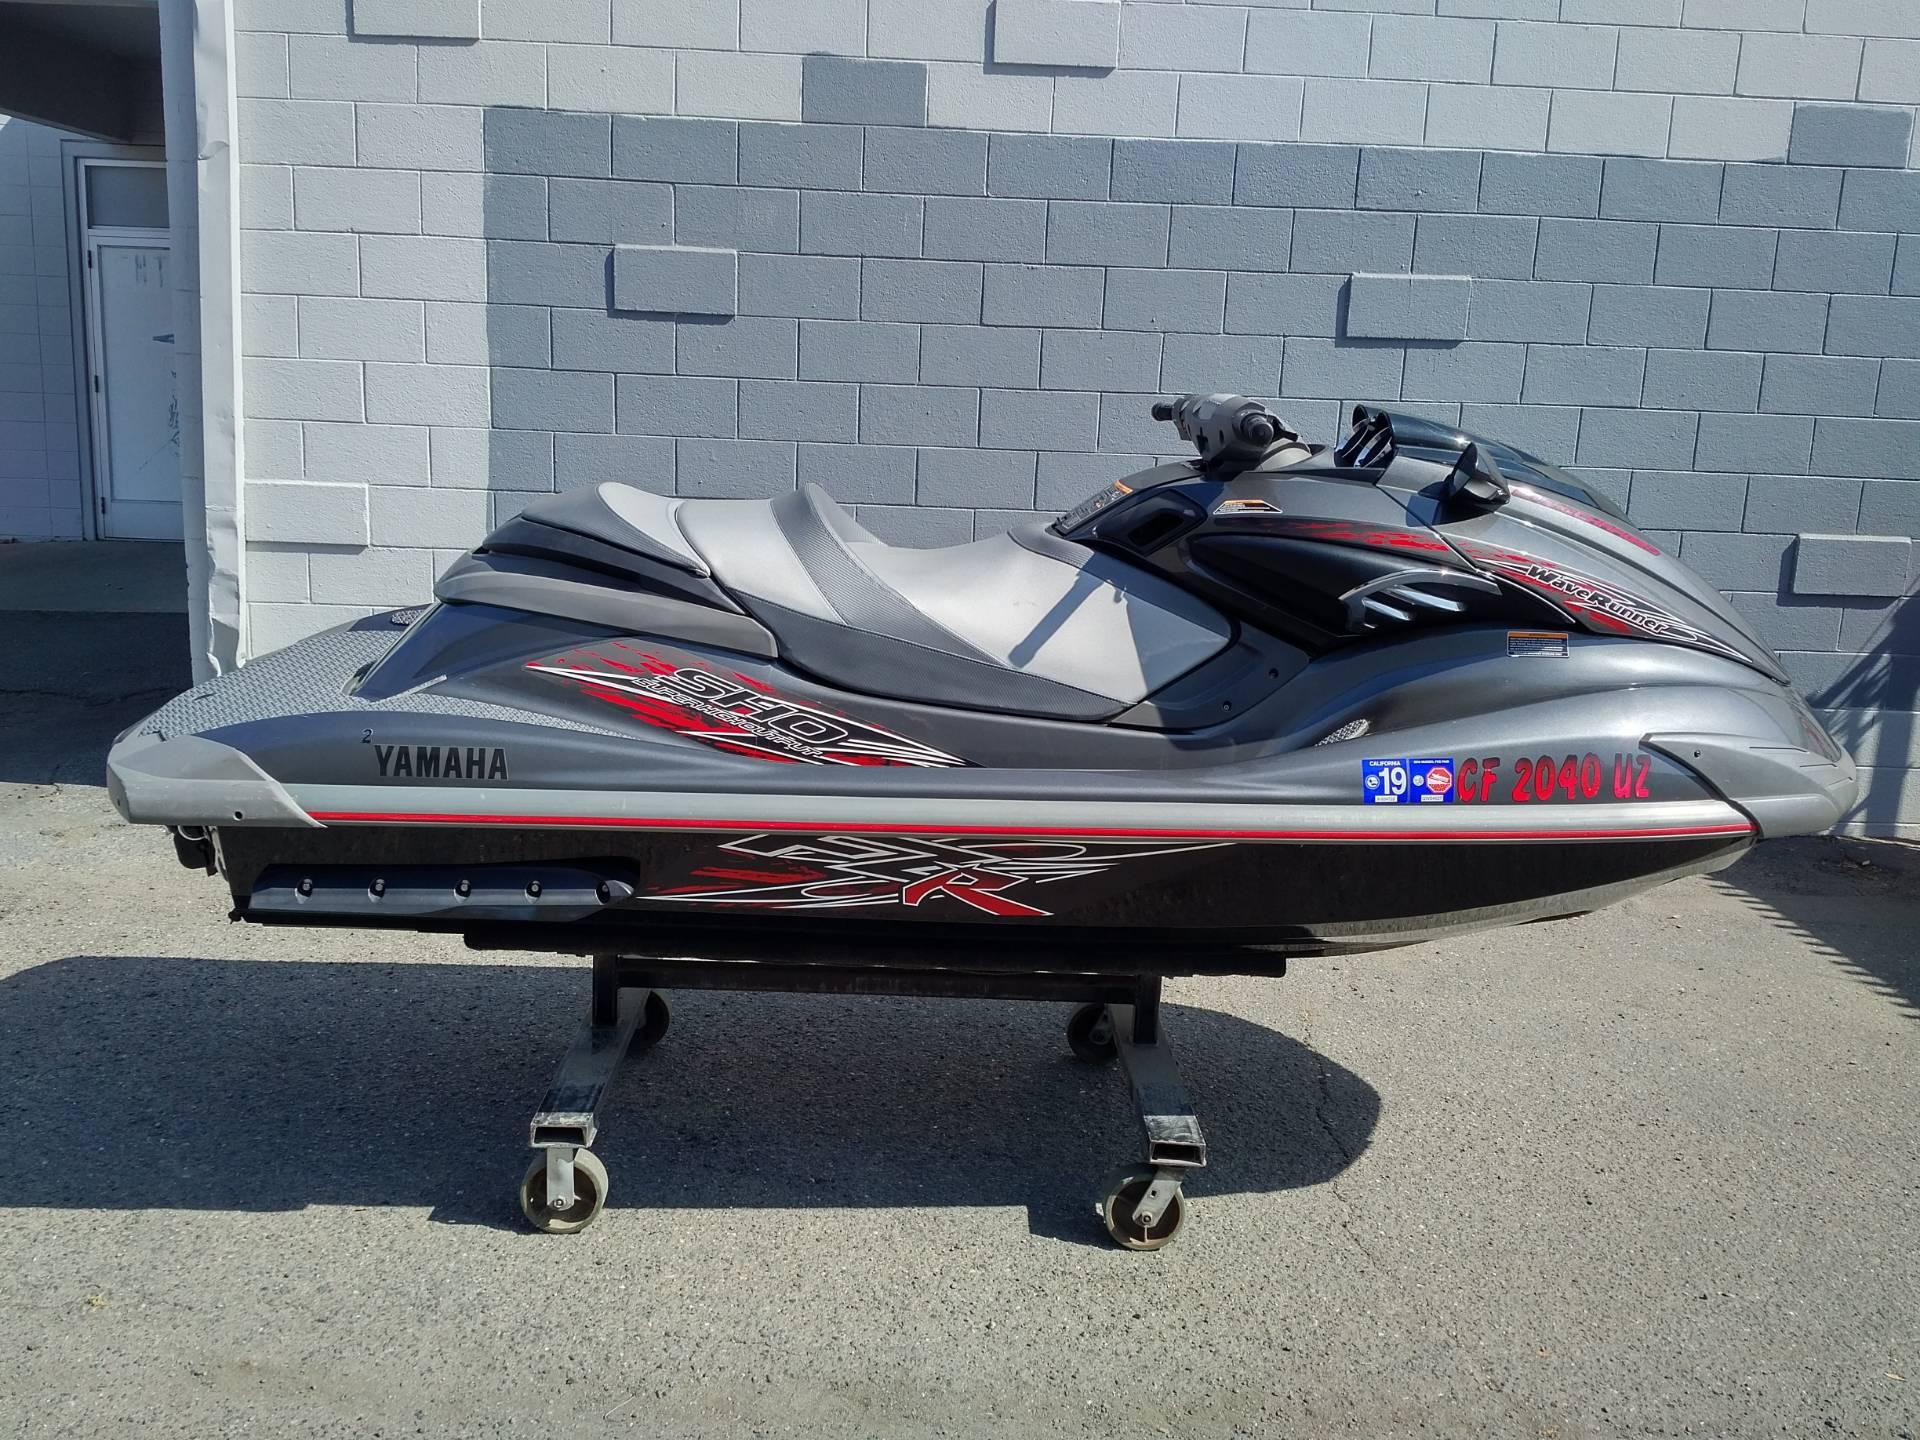 2012 Yamaha FZR for sale 9380